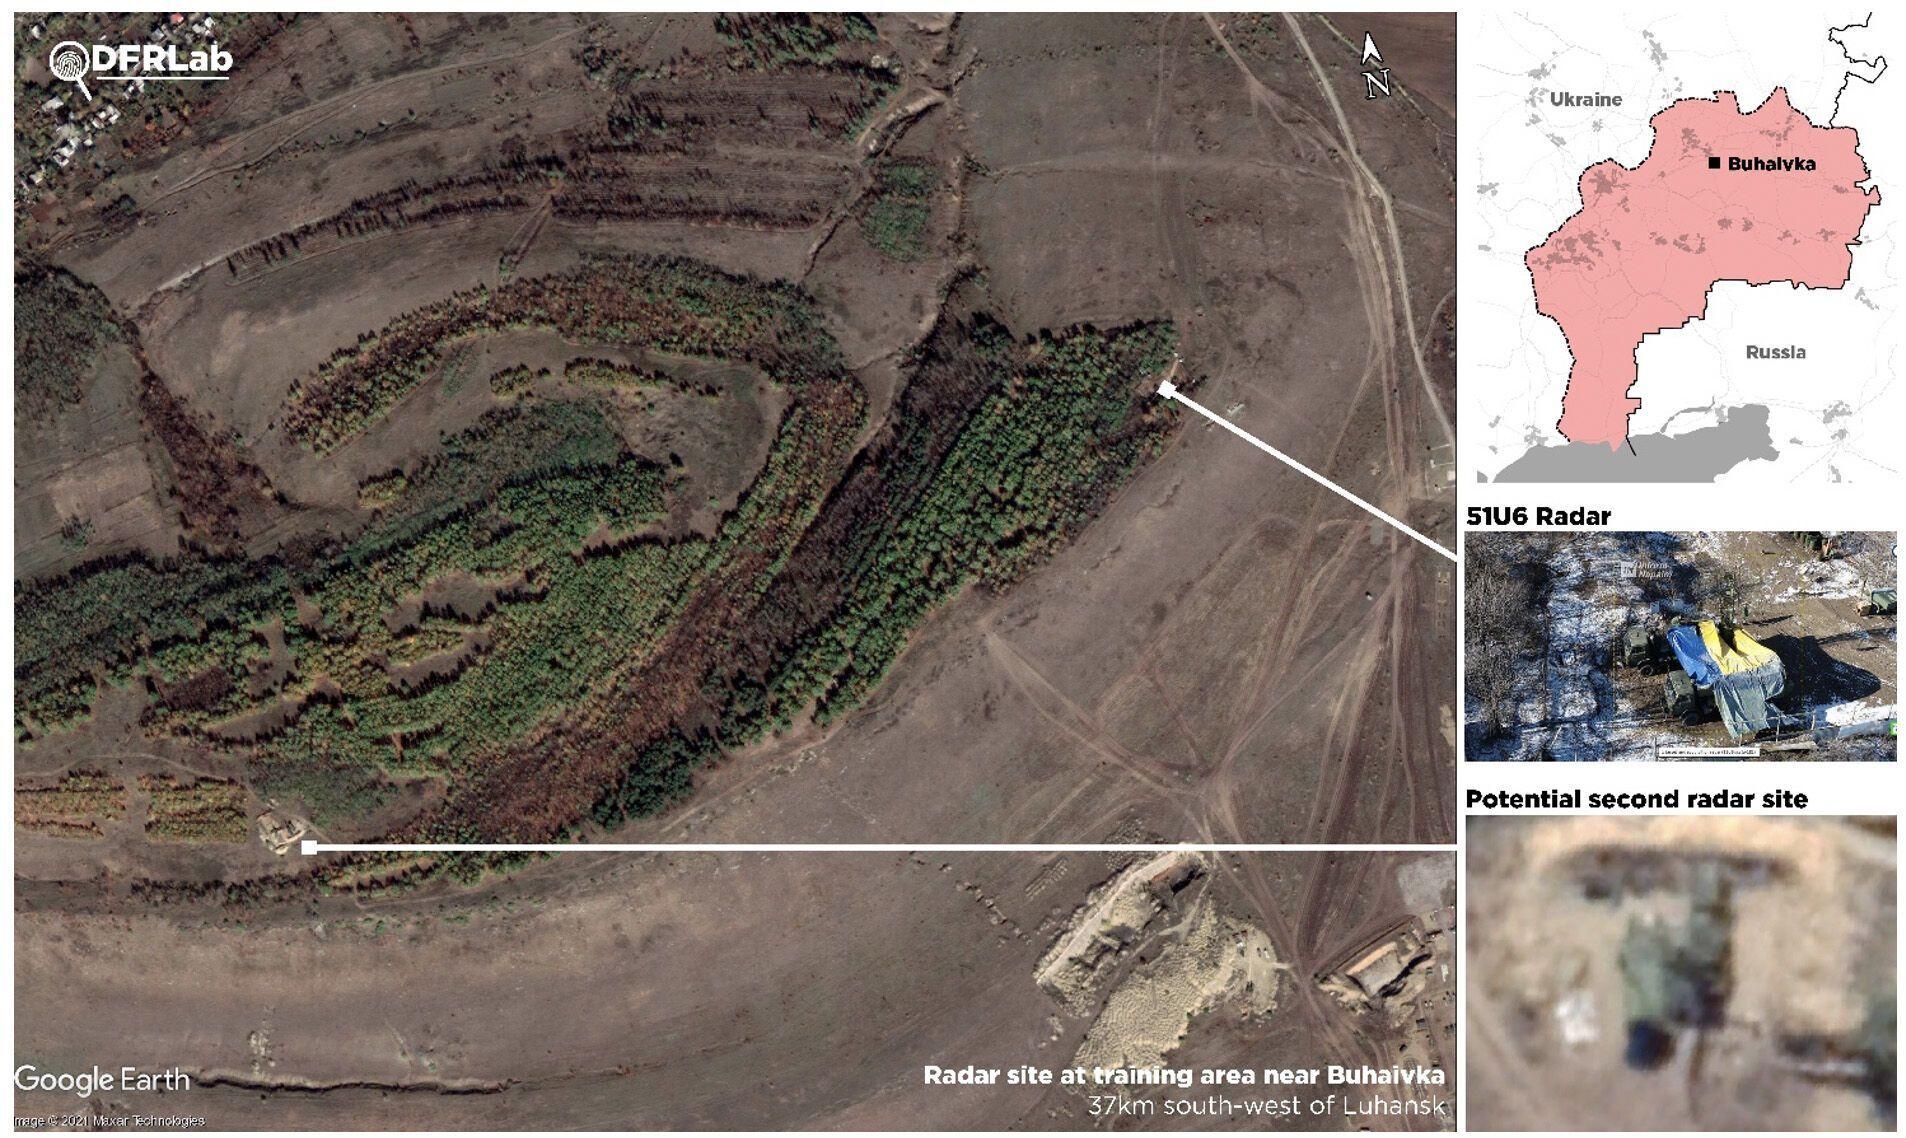 Супутникові знімки, що показують позицію радара на полігоні поблизу Бугаївки